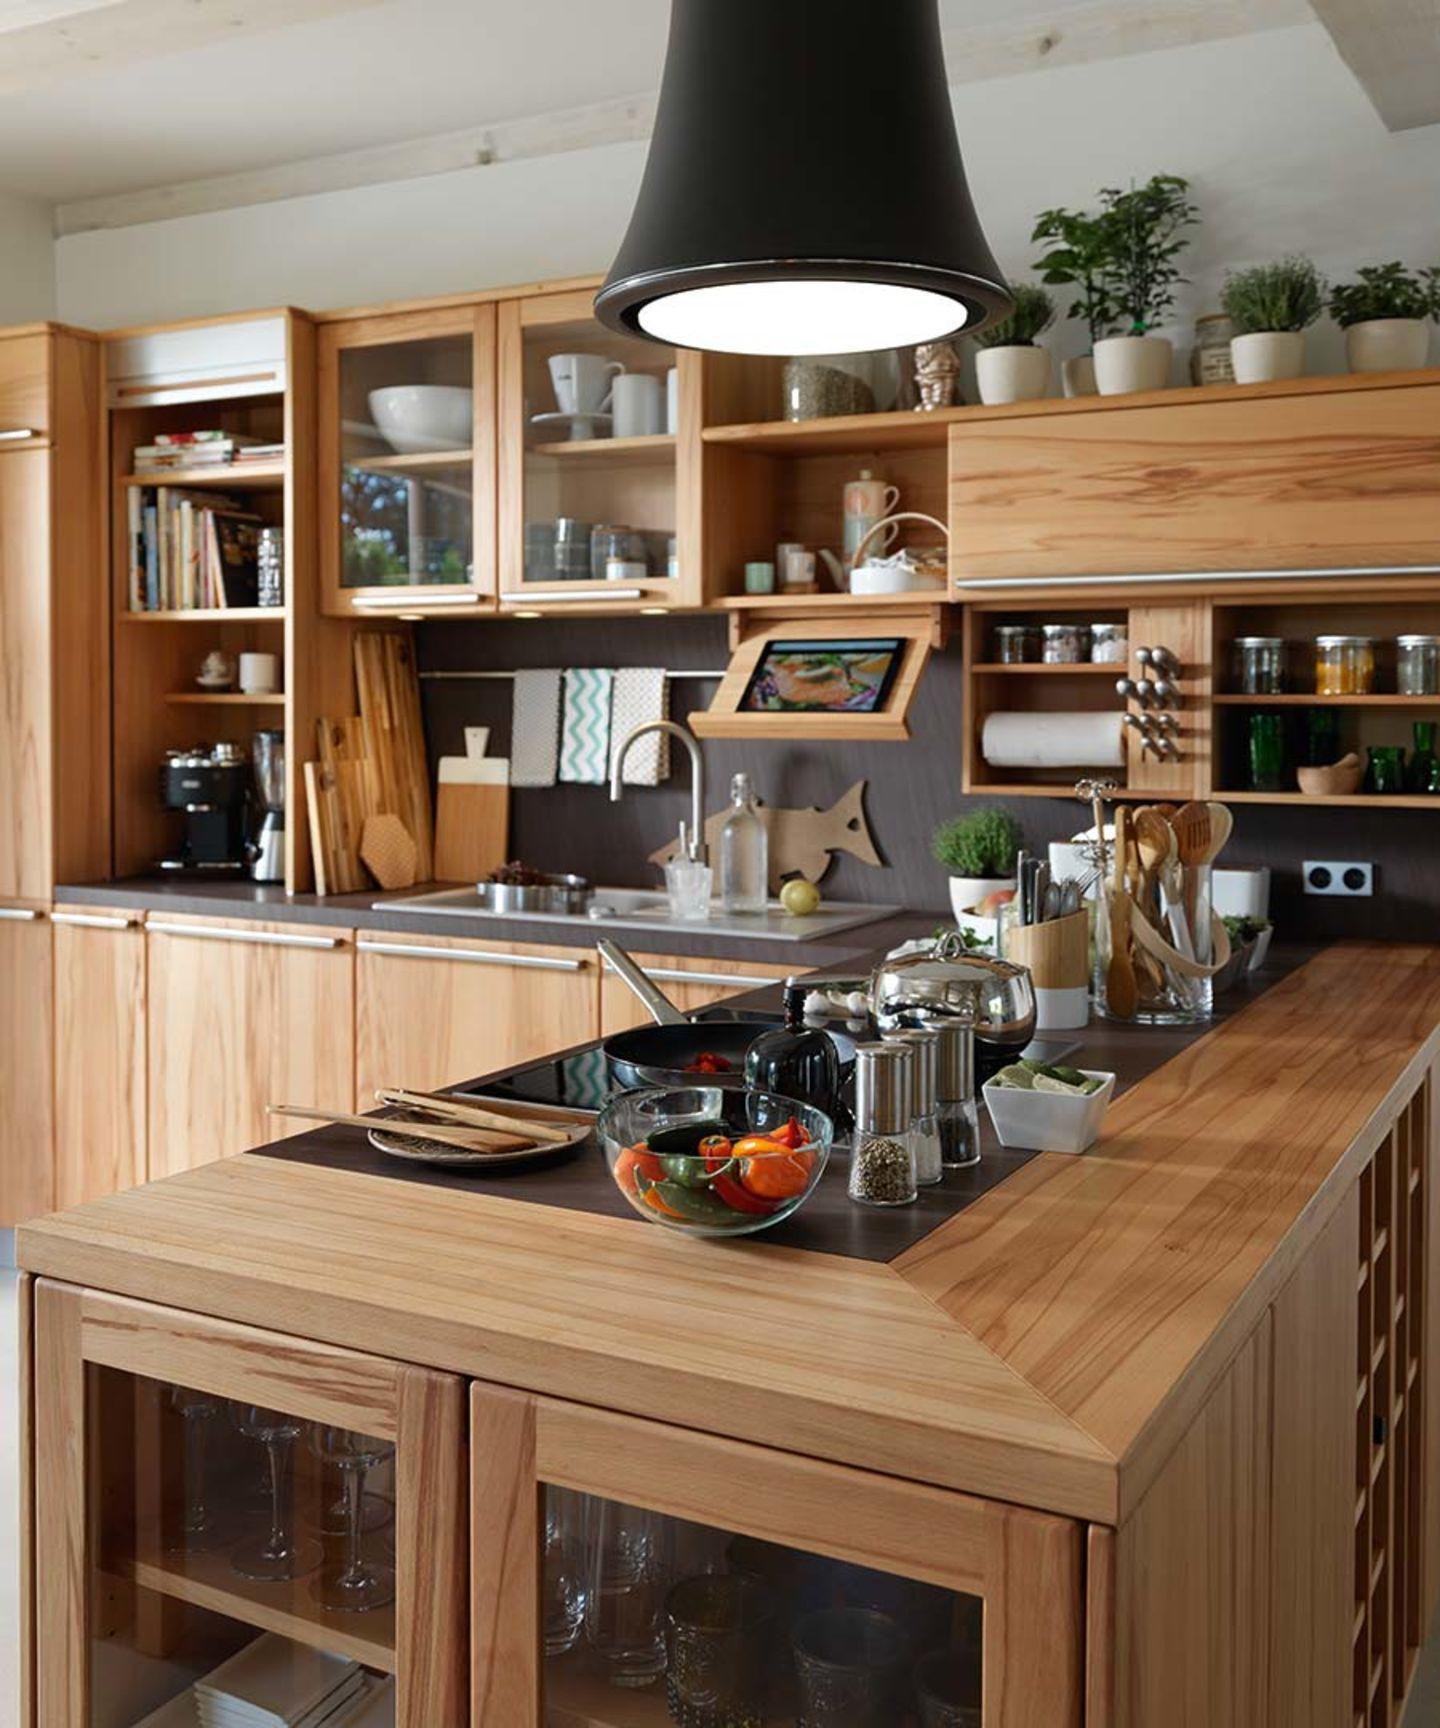 Holzküche rondo mit Naturholz Kochbuchhalter Haus küchen